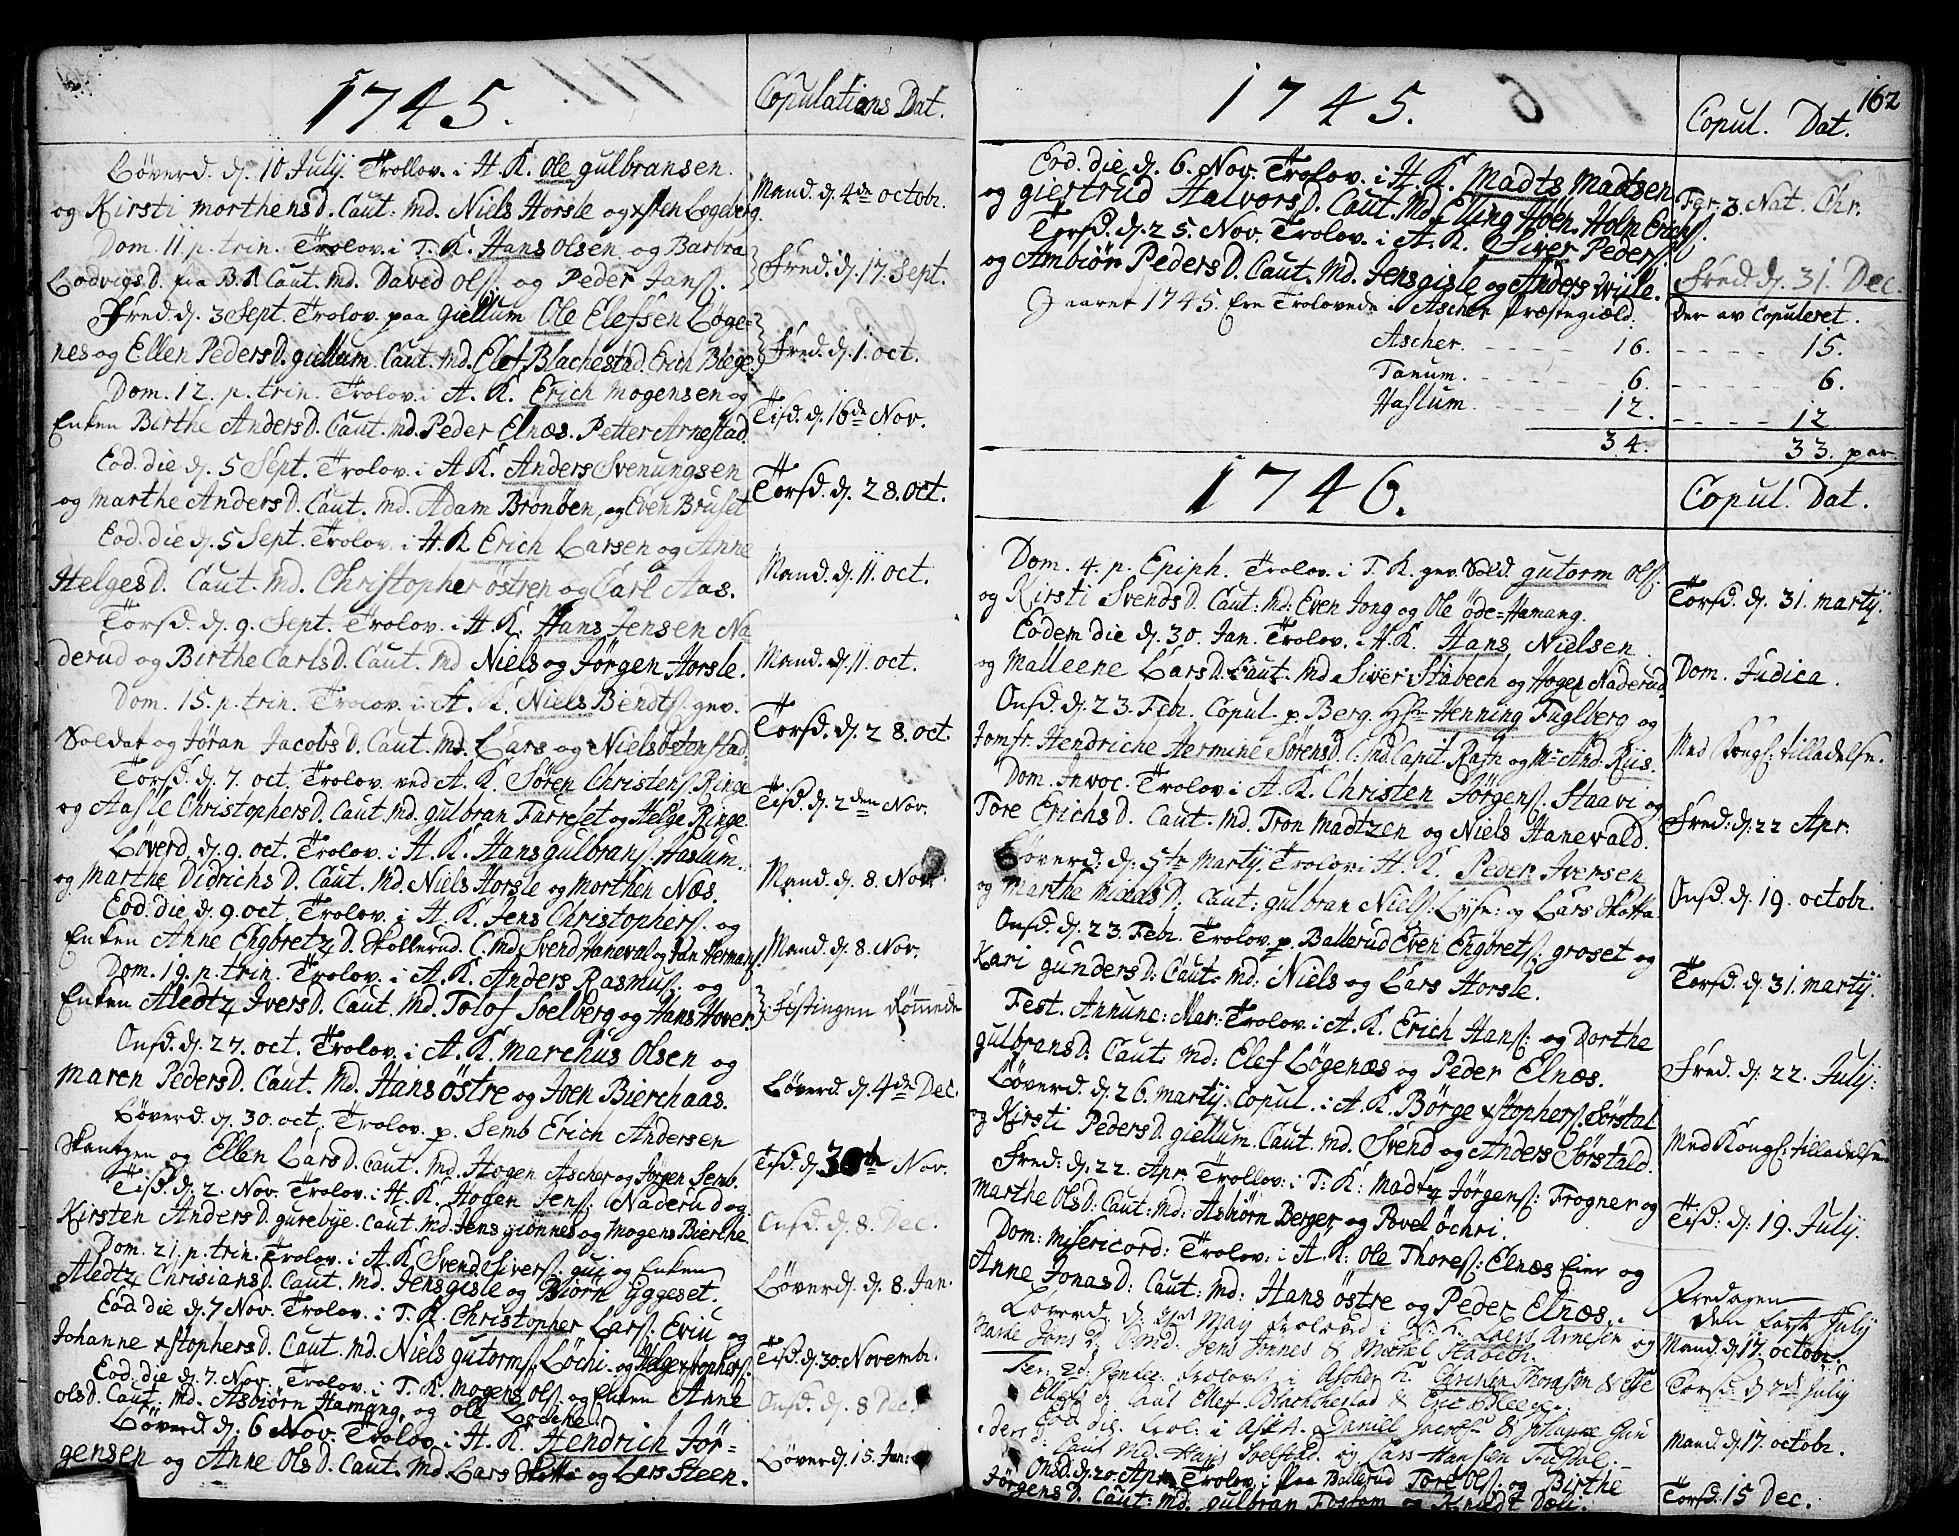 SAO, Asker prestekontor Kirkebøker, F/Fa/L0002: Ministerialbok nr. I 2, 1733-1766, s. 162